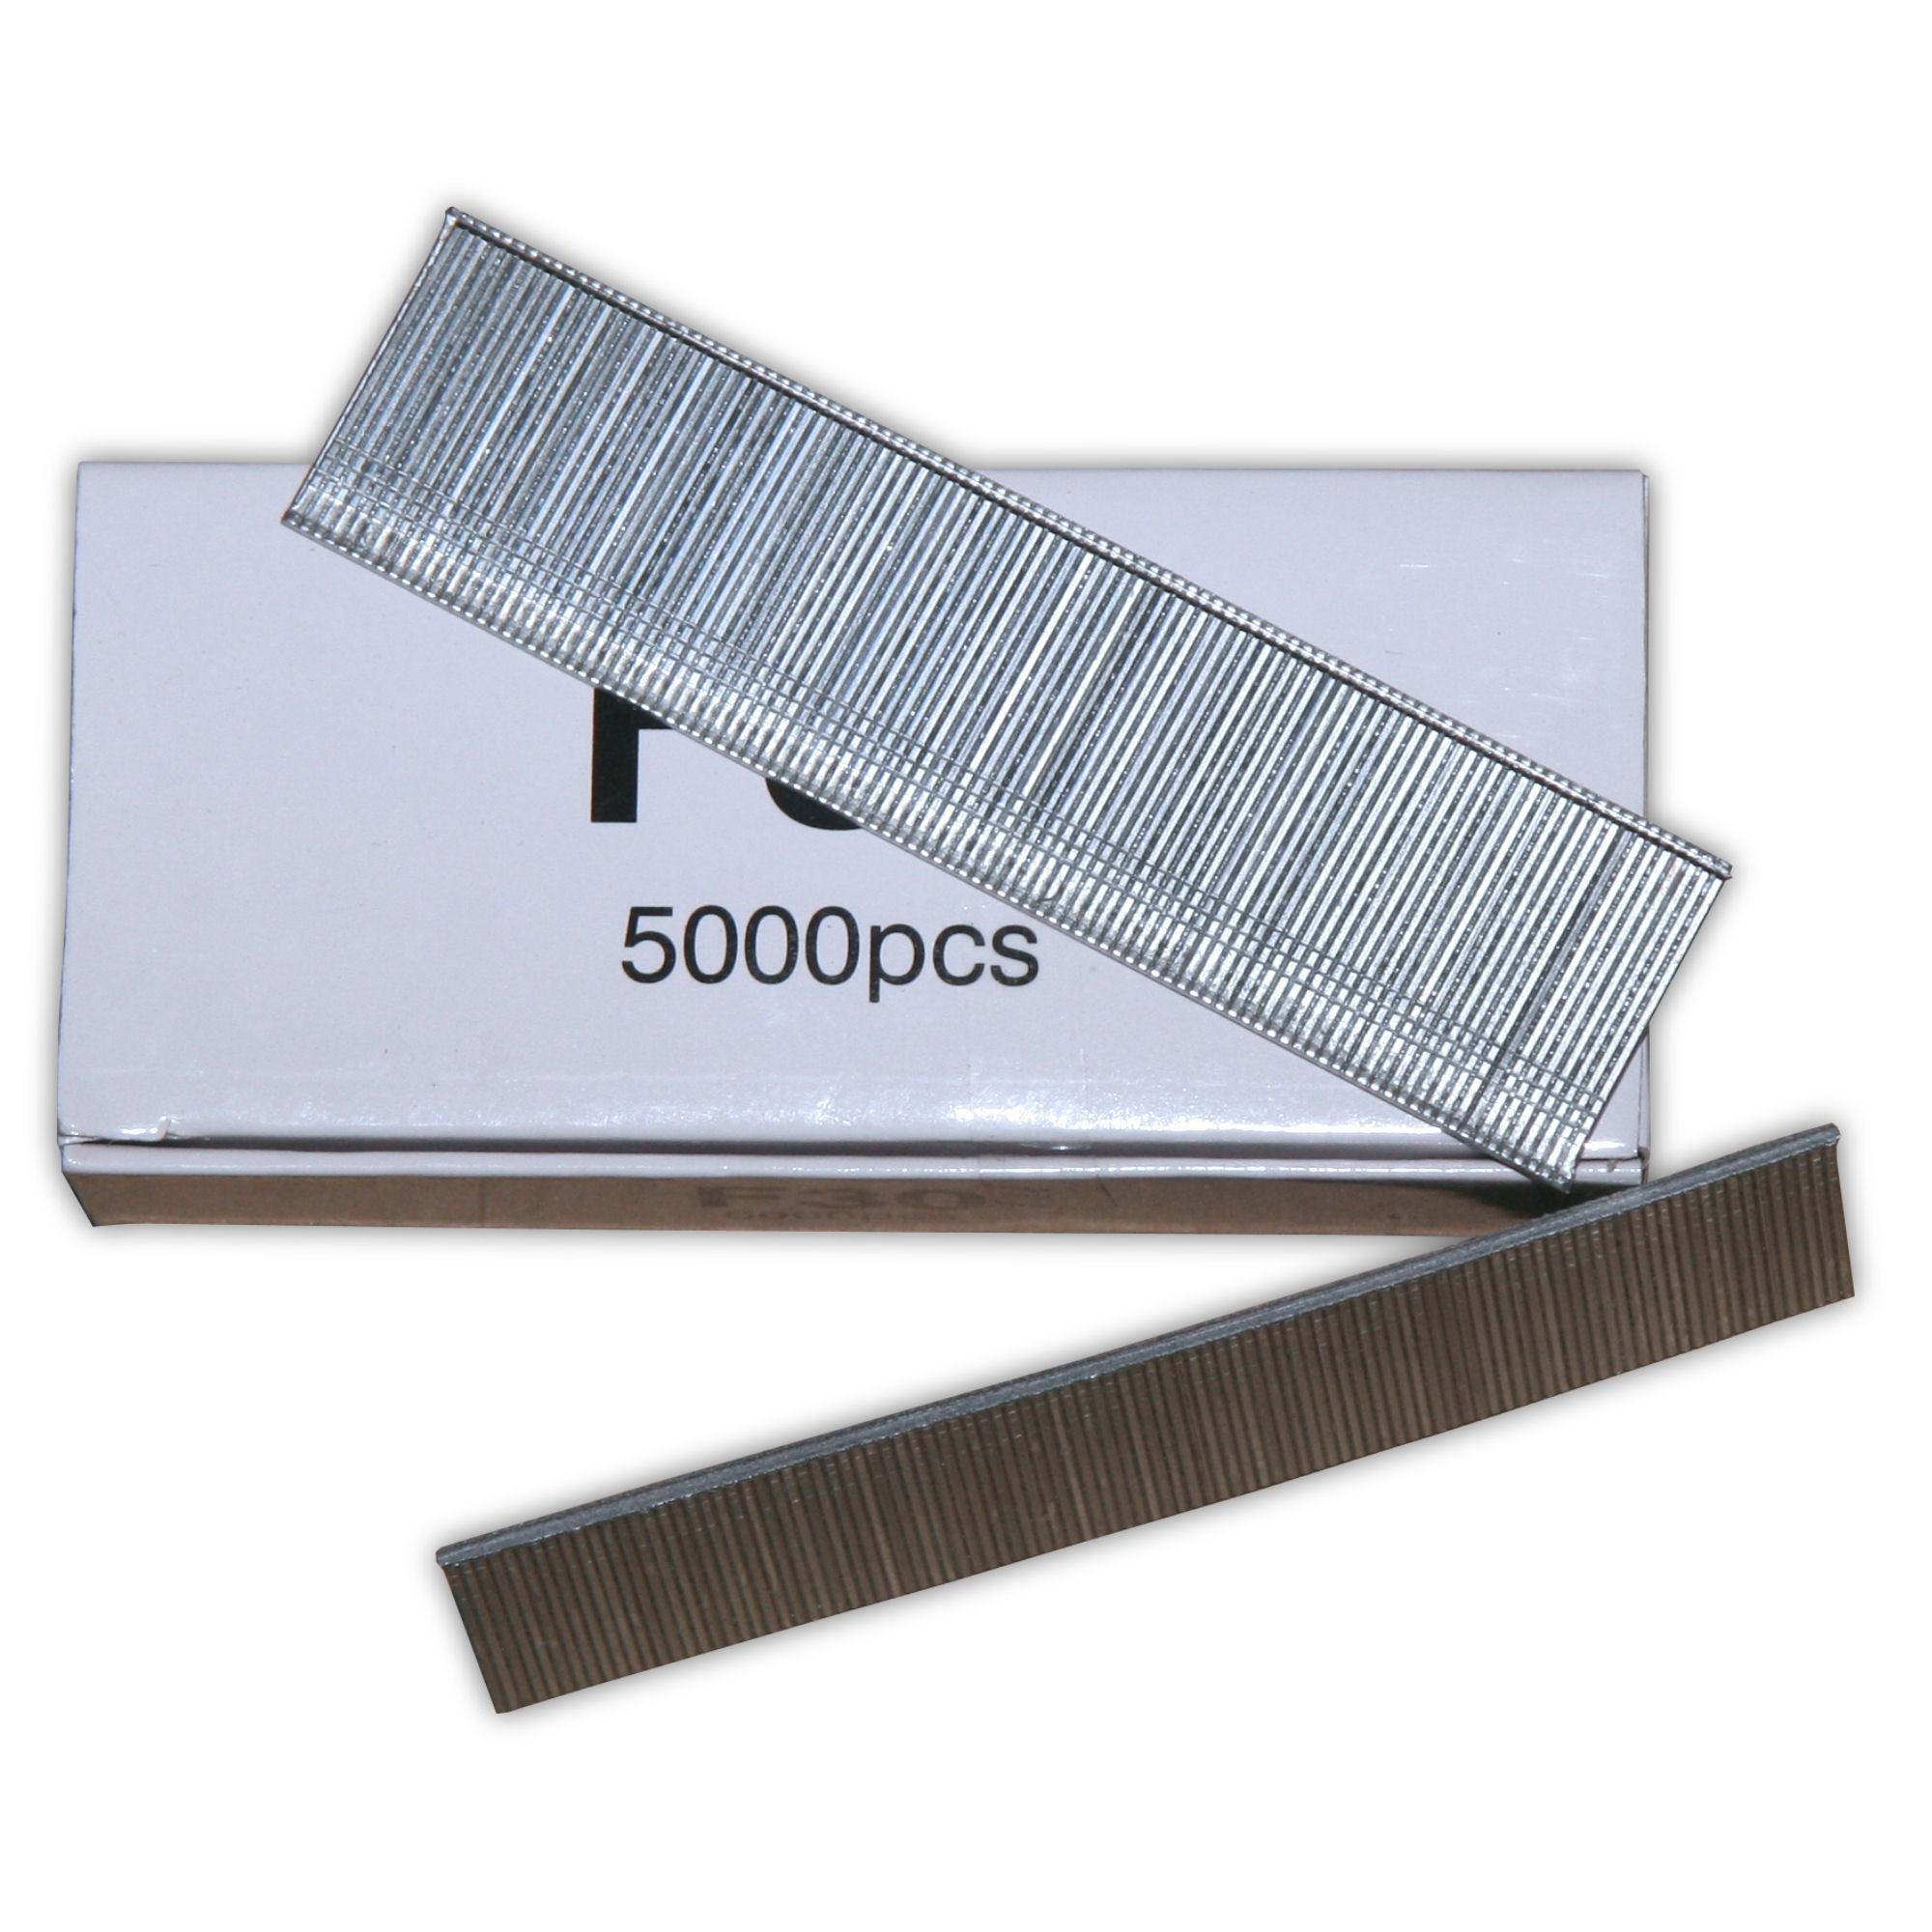 20mm stauchkopfnägel/stauchkopfstifte ga18 1,25 x1,00mm